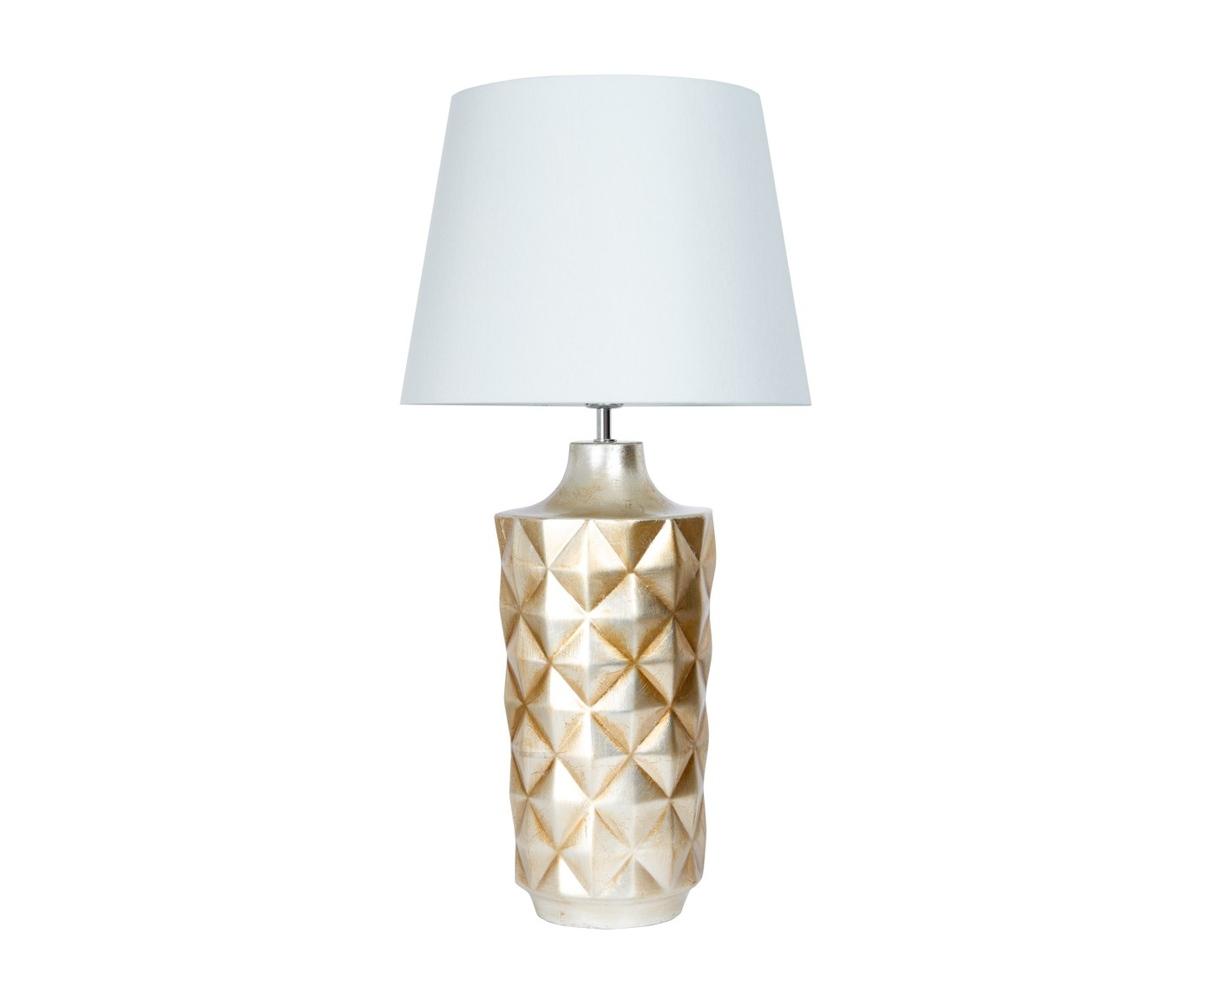 Купить Настольная лампа из керамики с белым абажуром, inmyroom, Португалия